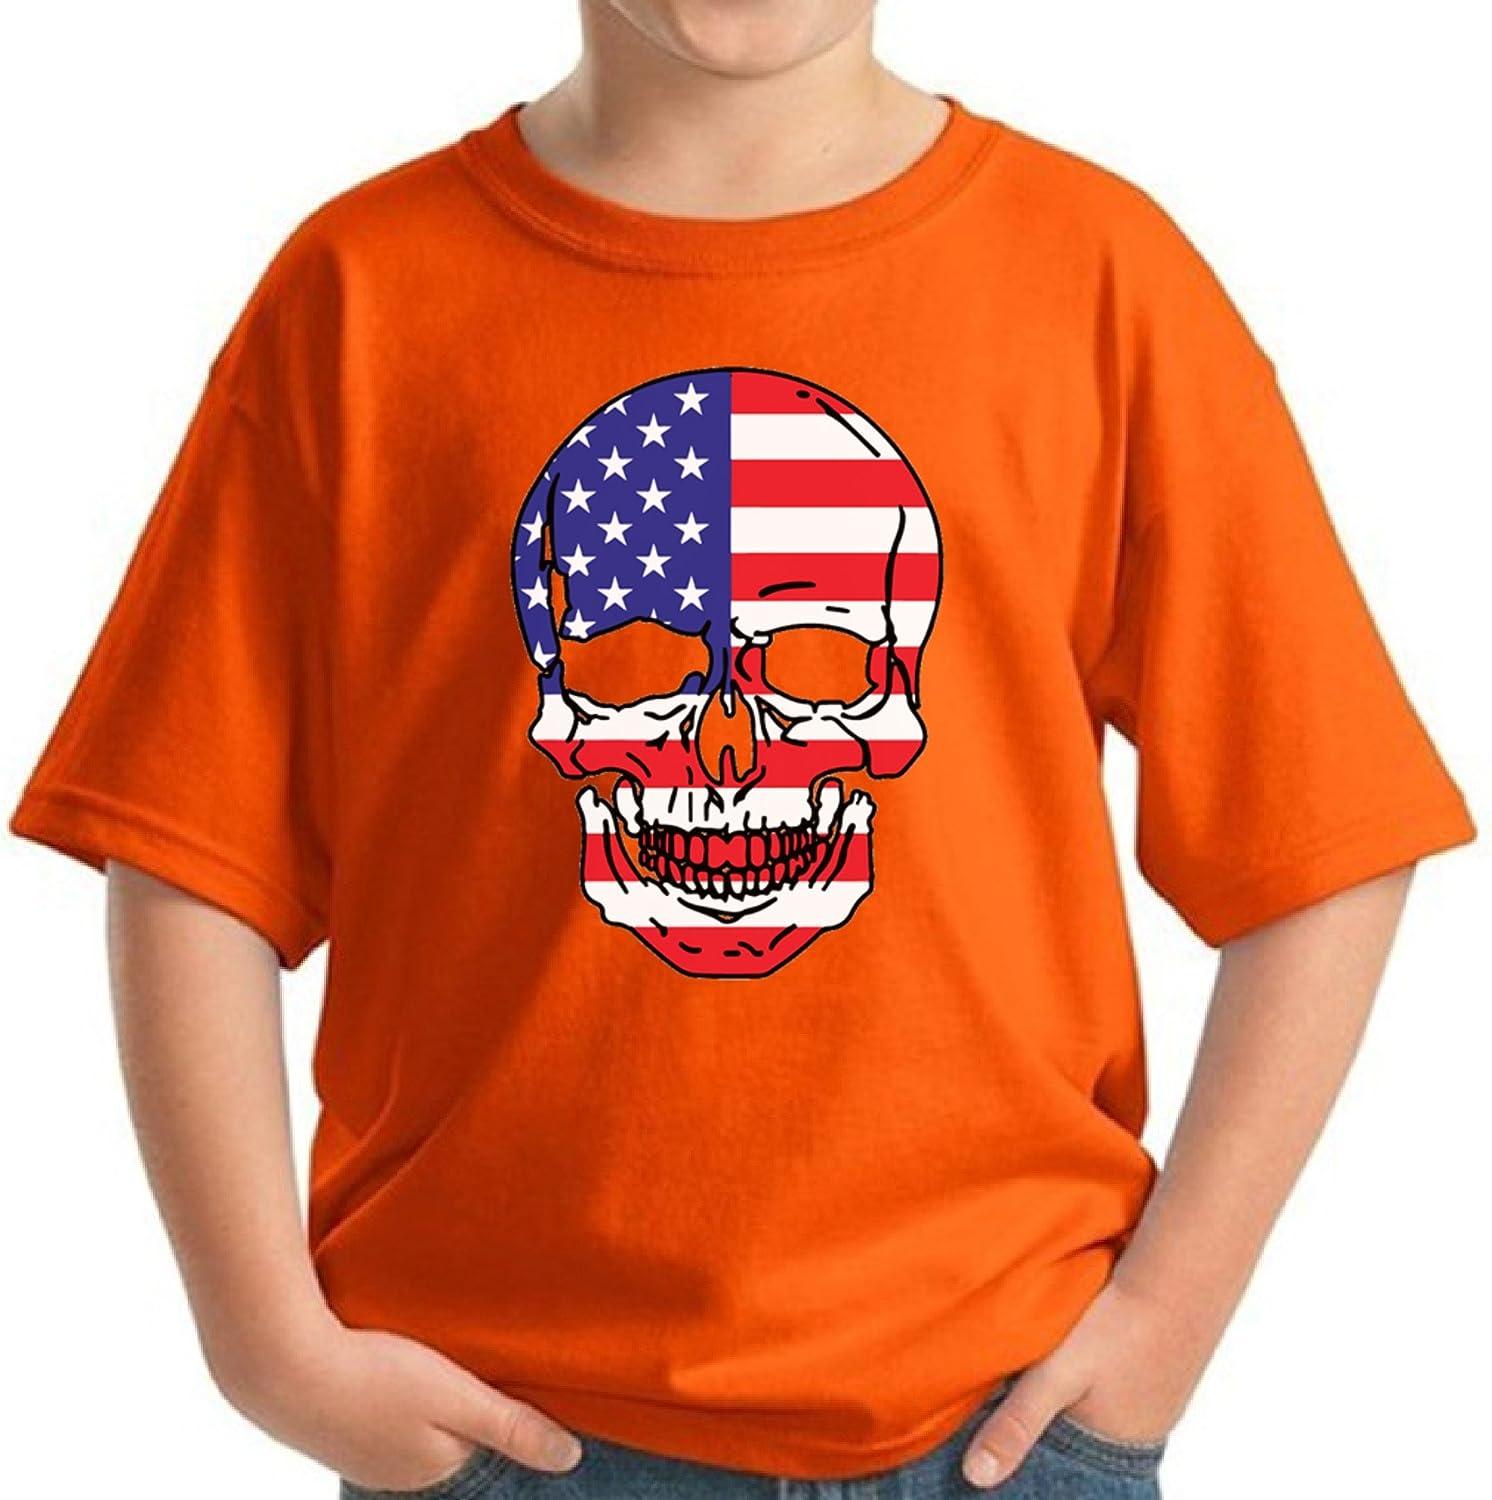 Pekatees USA Skull Shirt for Kids American Flag Tshirt Kids 4th of July Shirts